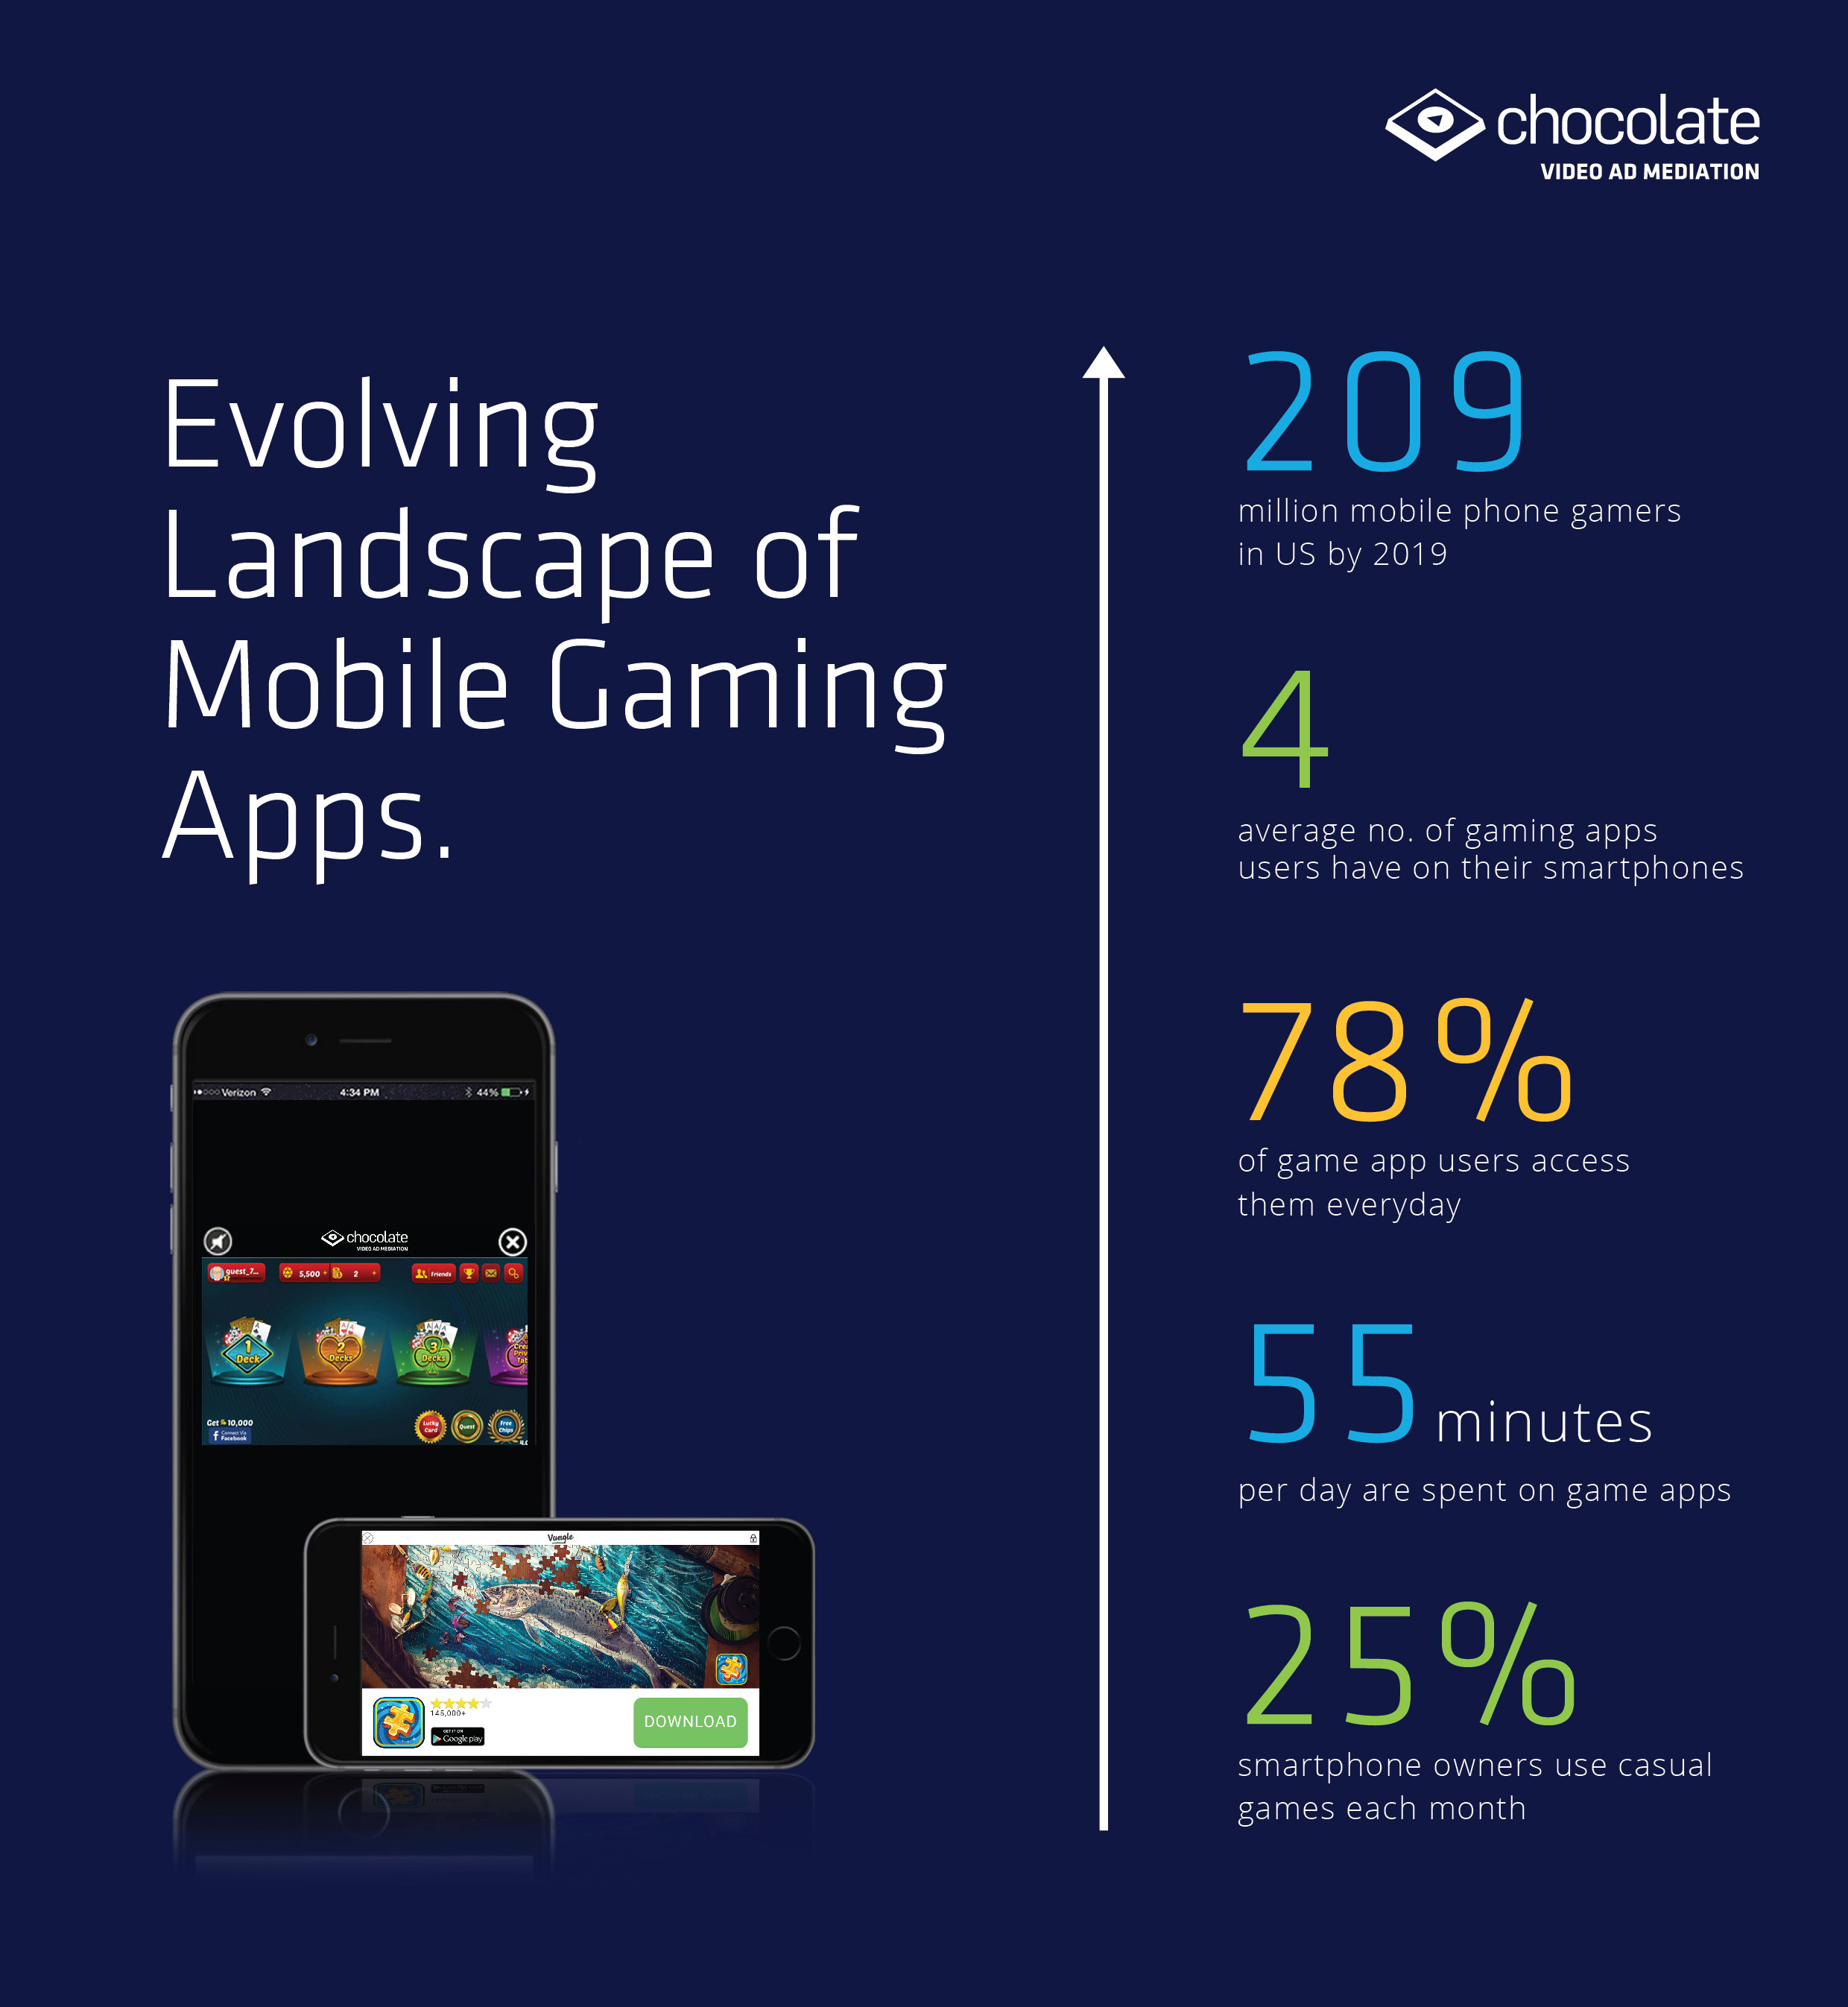 Landscape of Mobile Gaming Apps